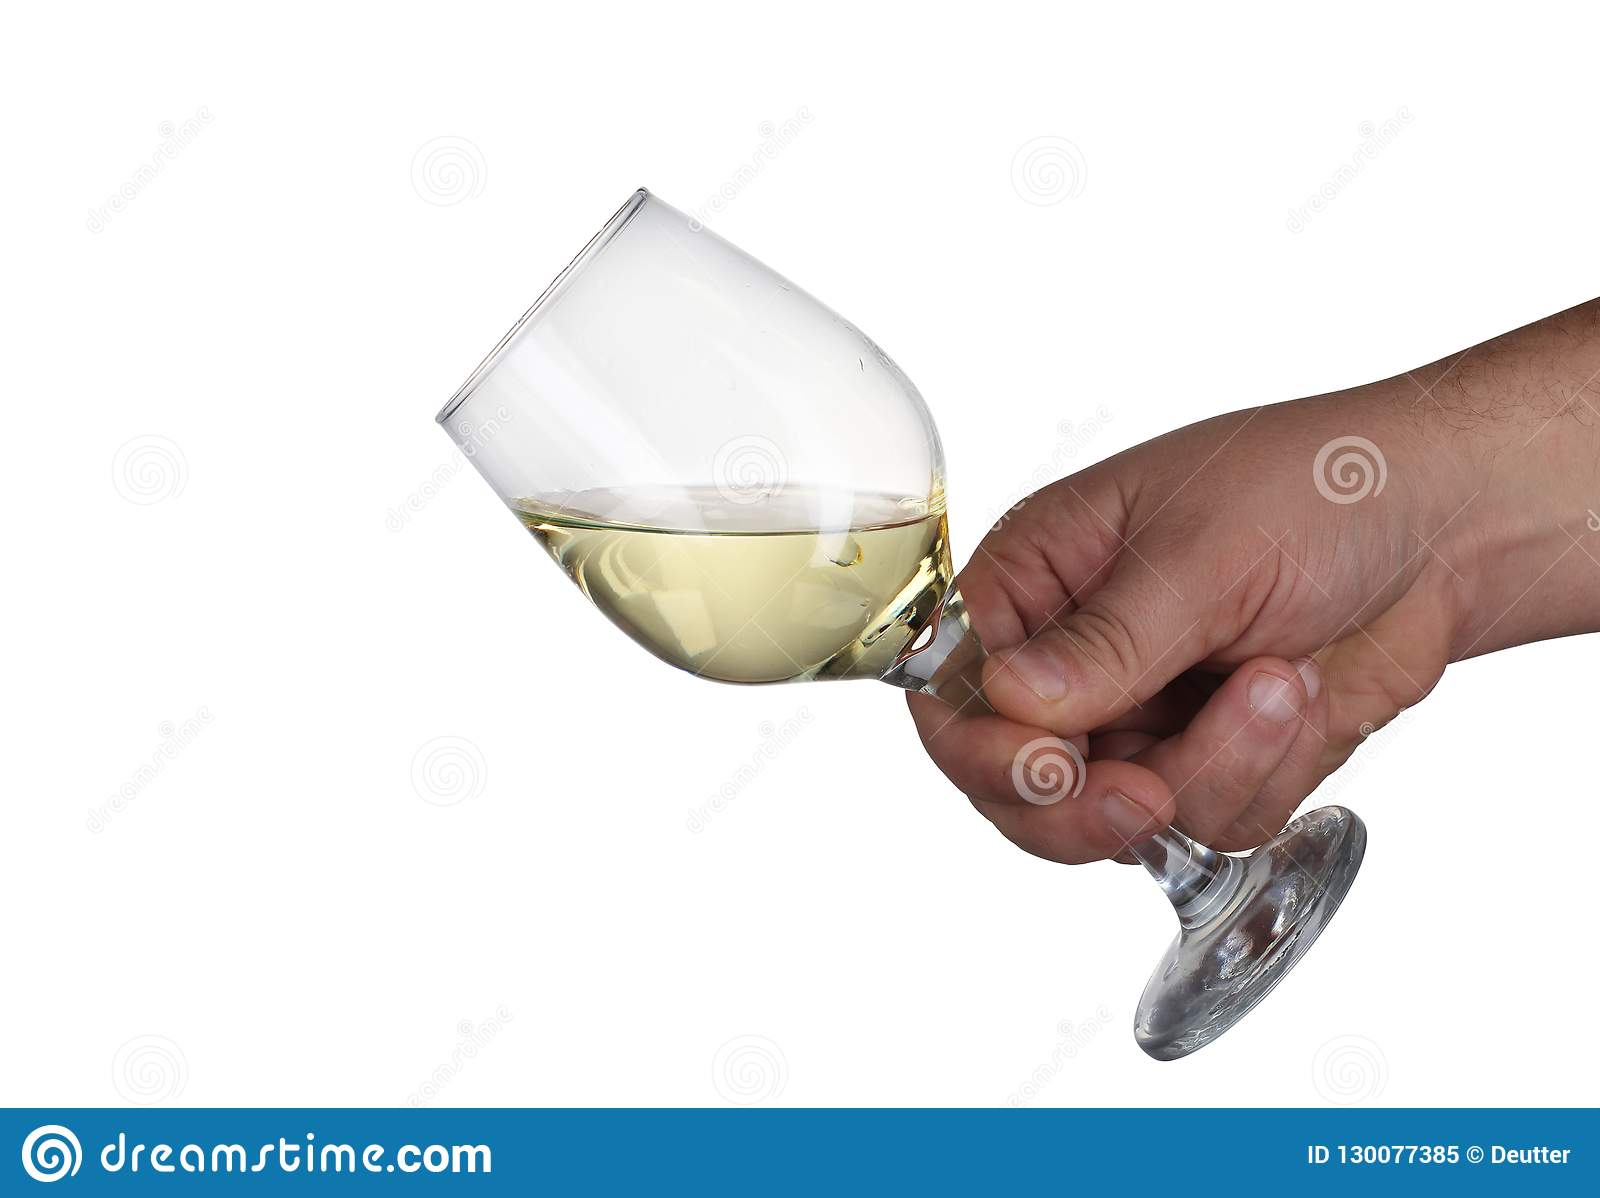 El cubilete de vino mantuvo una mano